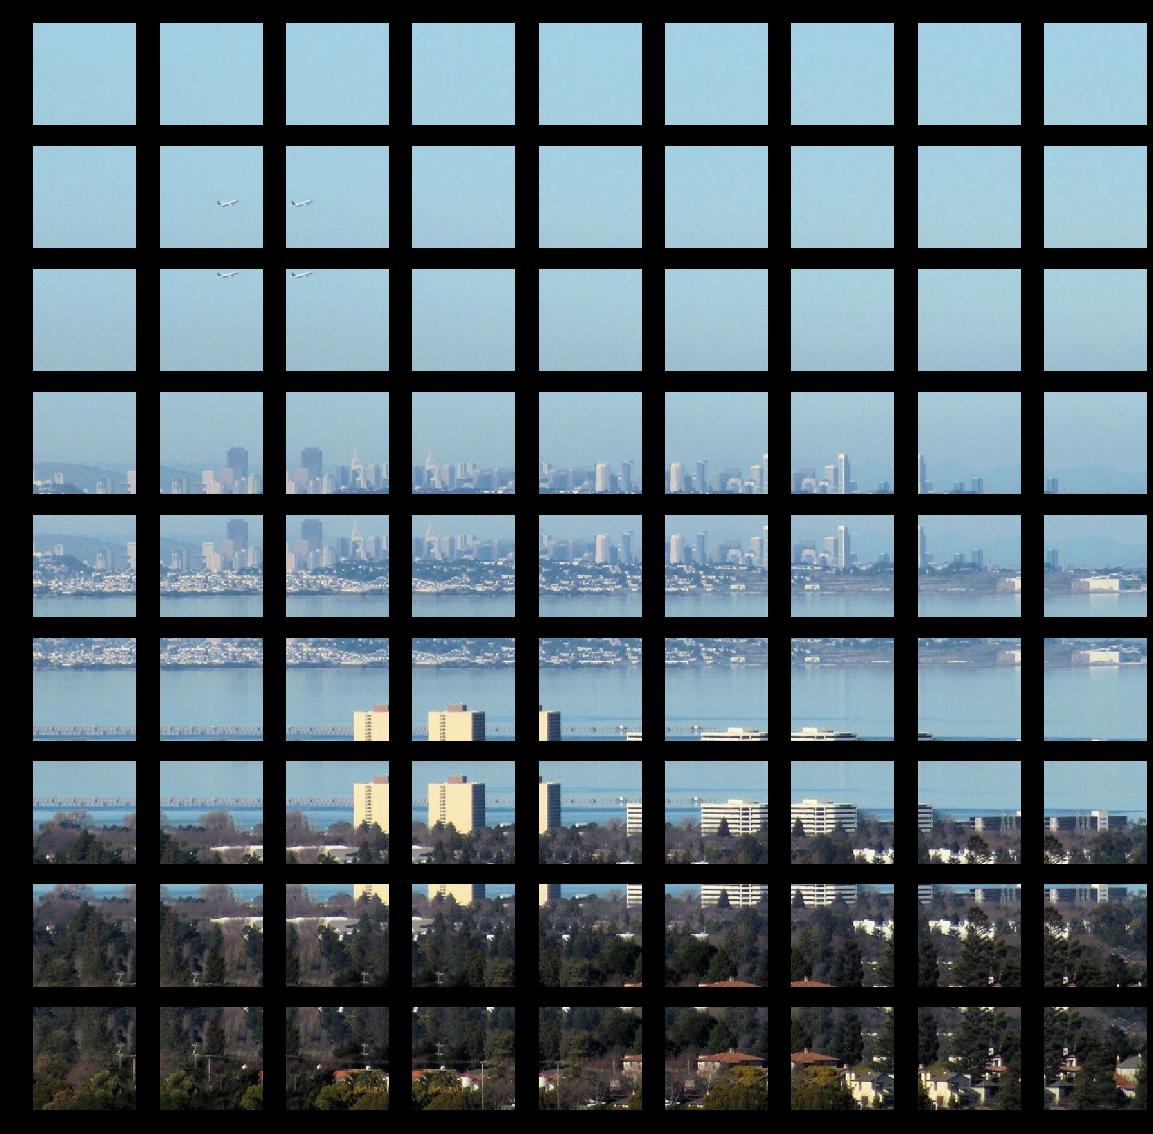 Как Алиса узнаёт страны по фотографиям. Исследование Яндекса - 17